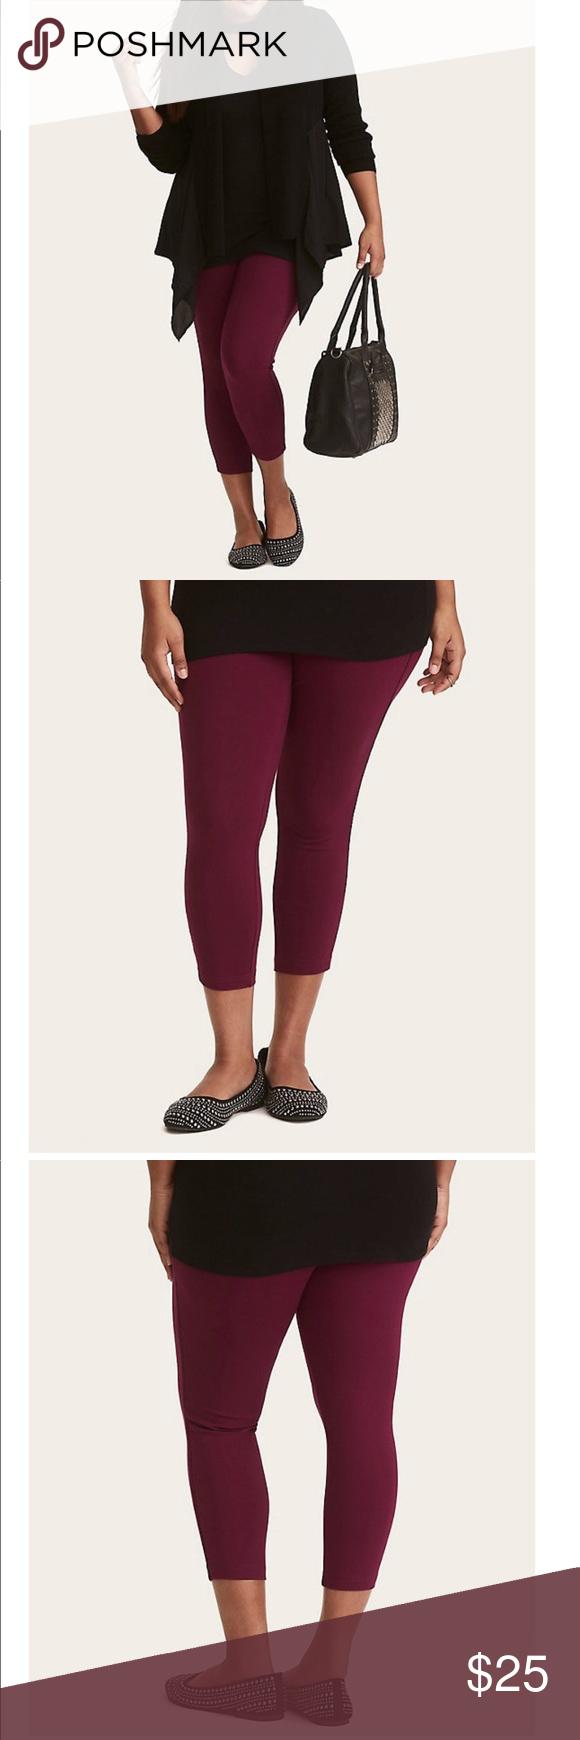 Torrid Nwot berry purple cropped luxe leggings 3 As comfy